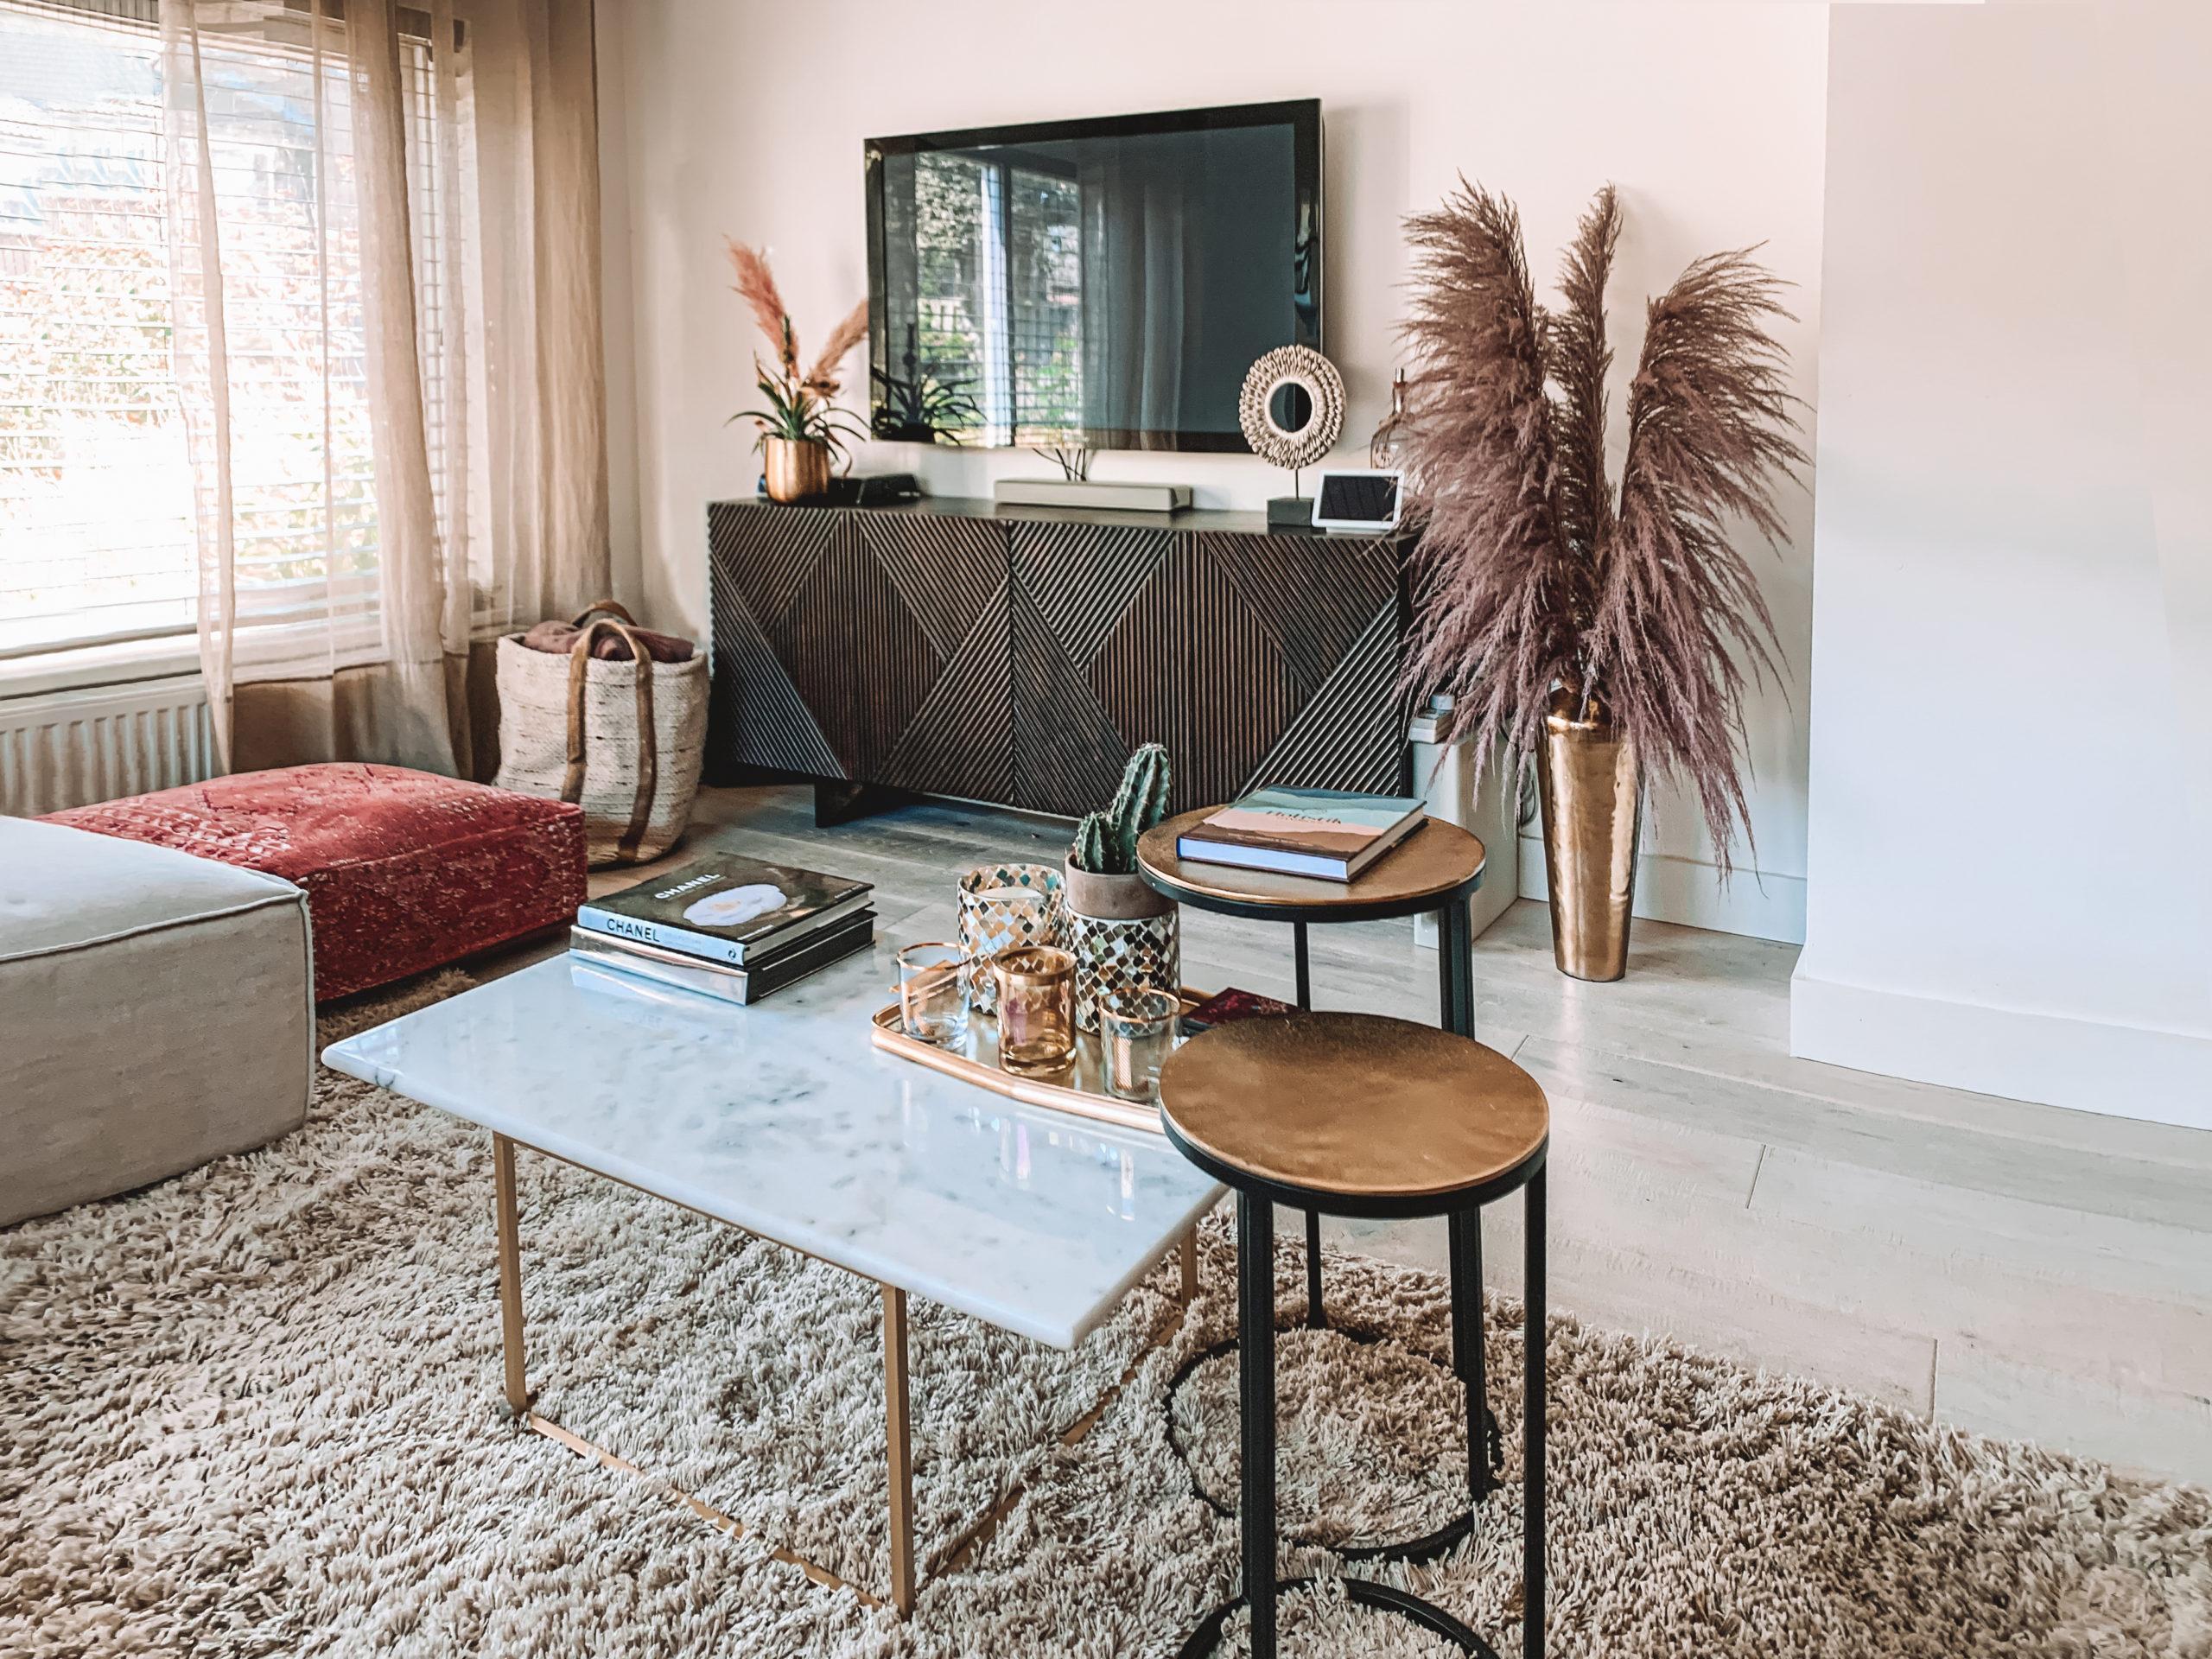 Woonkamer met hoogpolig vloerkleed en televisie op houten dressoirkast